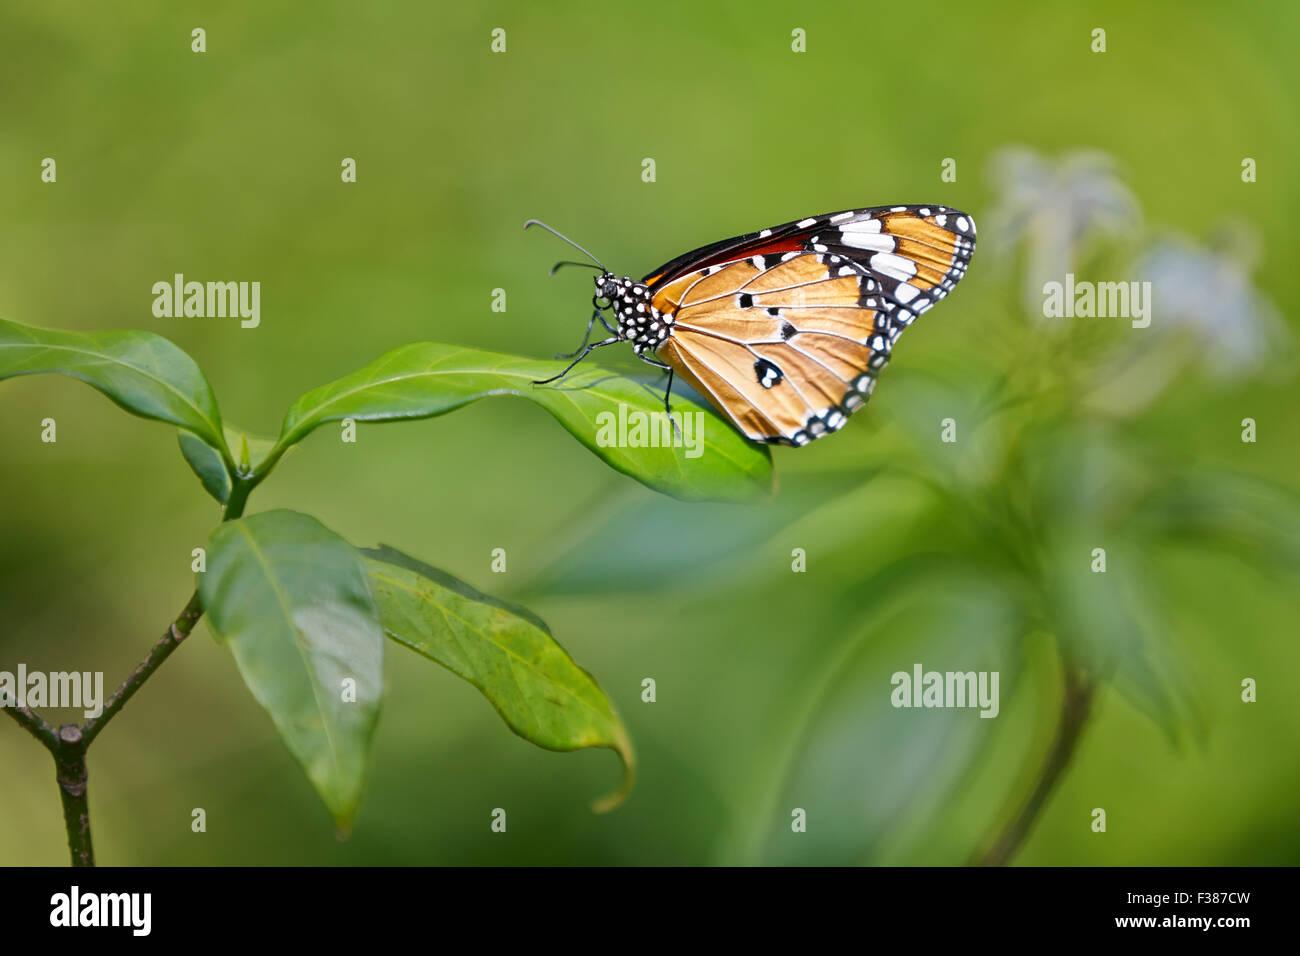 Mariposa Tigre normal. Nombre científico: Danaus chrysippus. Banteay Srei Centro de mariposas, de la provincia de Siem Reap, Camboya. Foto de stock